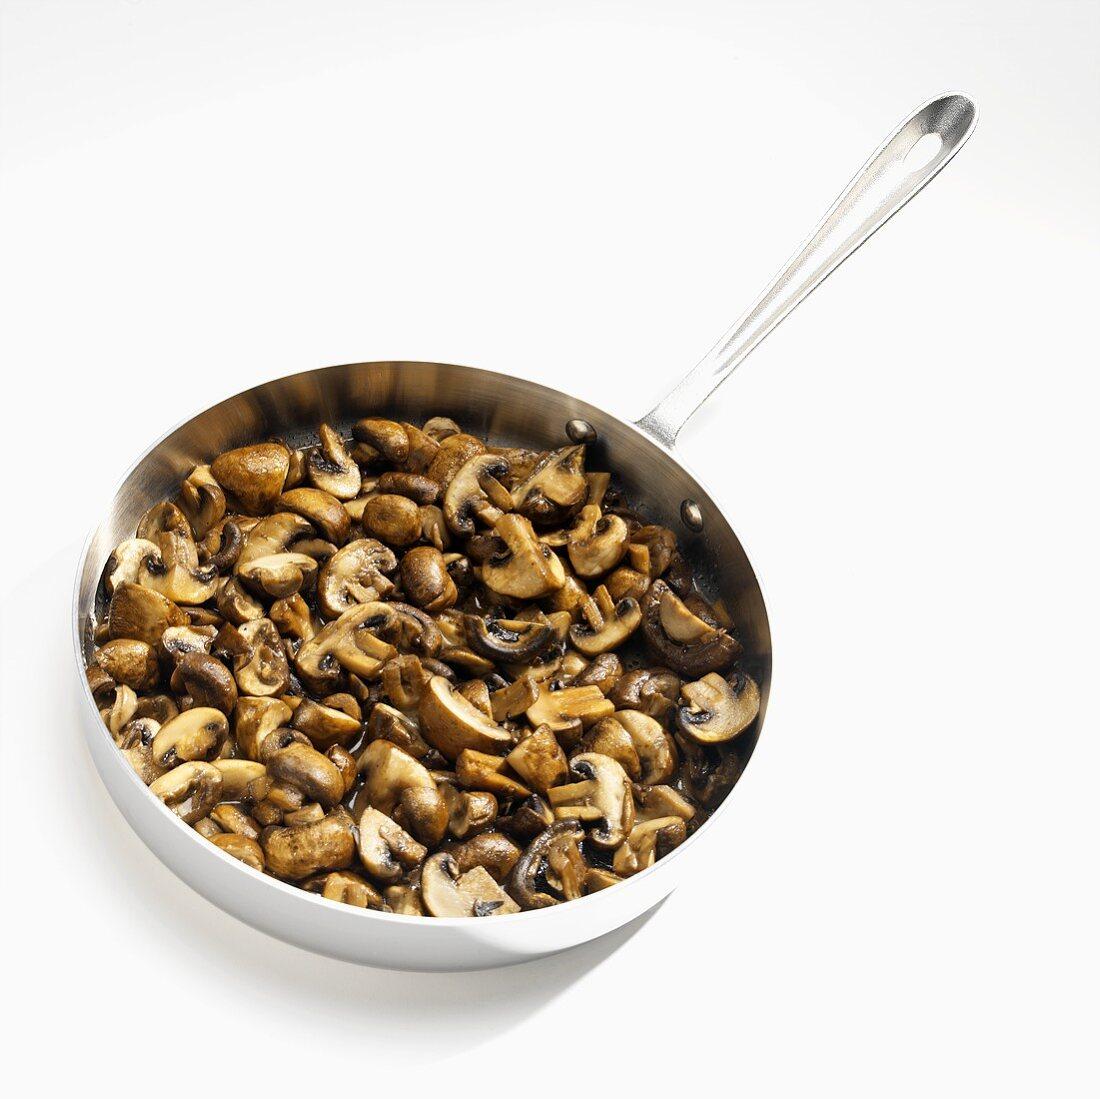 Stewed mushrooms in frying pan